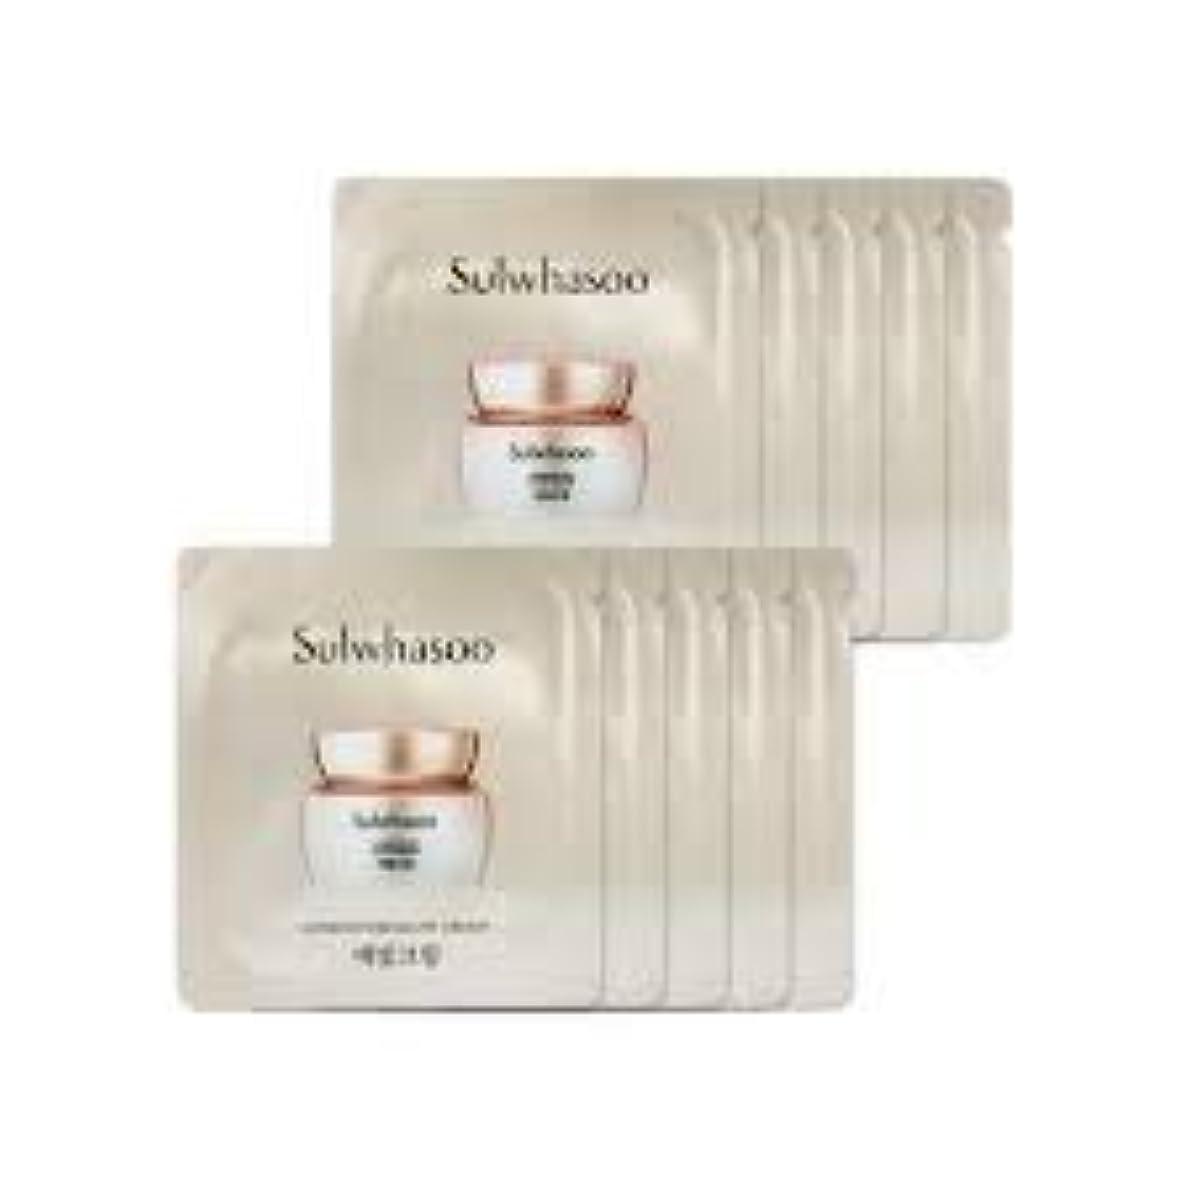 モンクピンポイント運動する[ソルファス ] Sulwhasoo (雪花秀) ルミナチュアグロー Luminature Glow Cream 1ml x 30 (イェビトクリーム) [ShopMaster1]